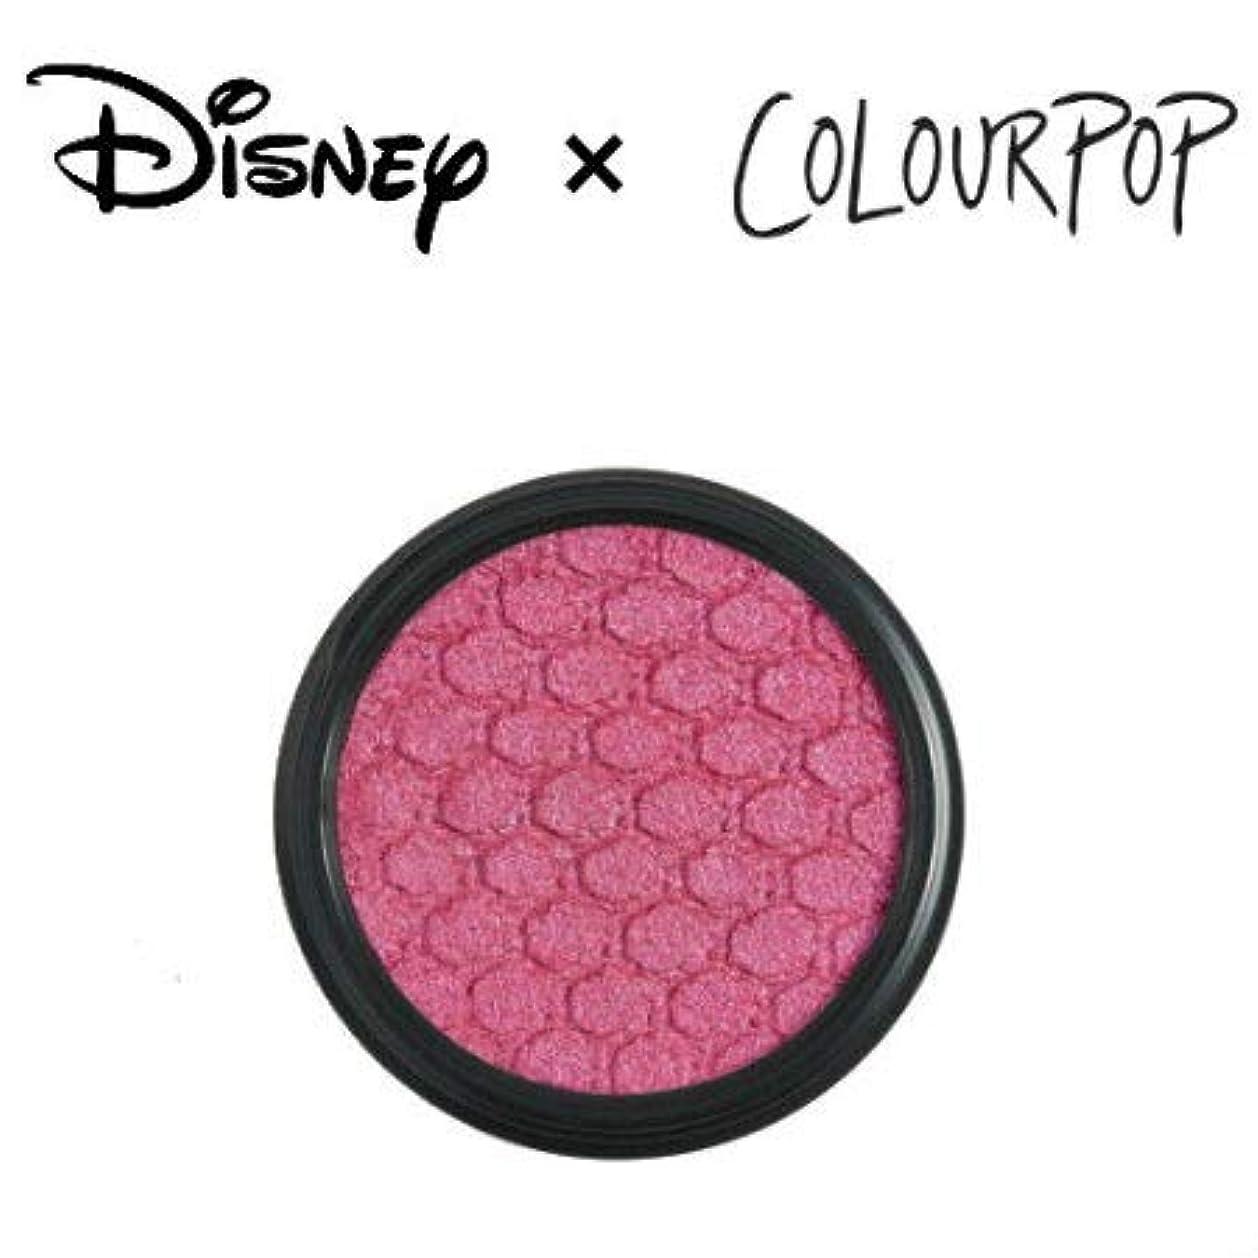 舗装遺棄された外観カラーポップ COLOURPOP x DISNEY ディズニー プリンセス アイシャドウ BE OUR GUEST(ベリーピンク)